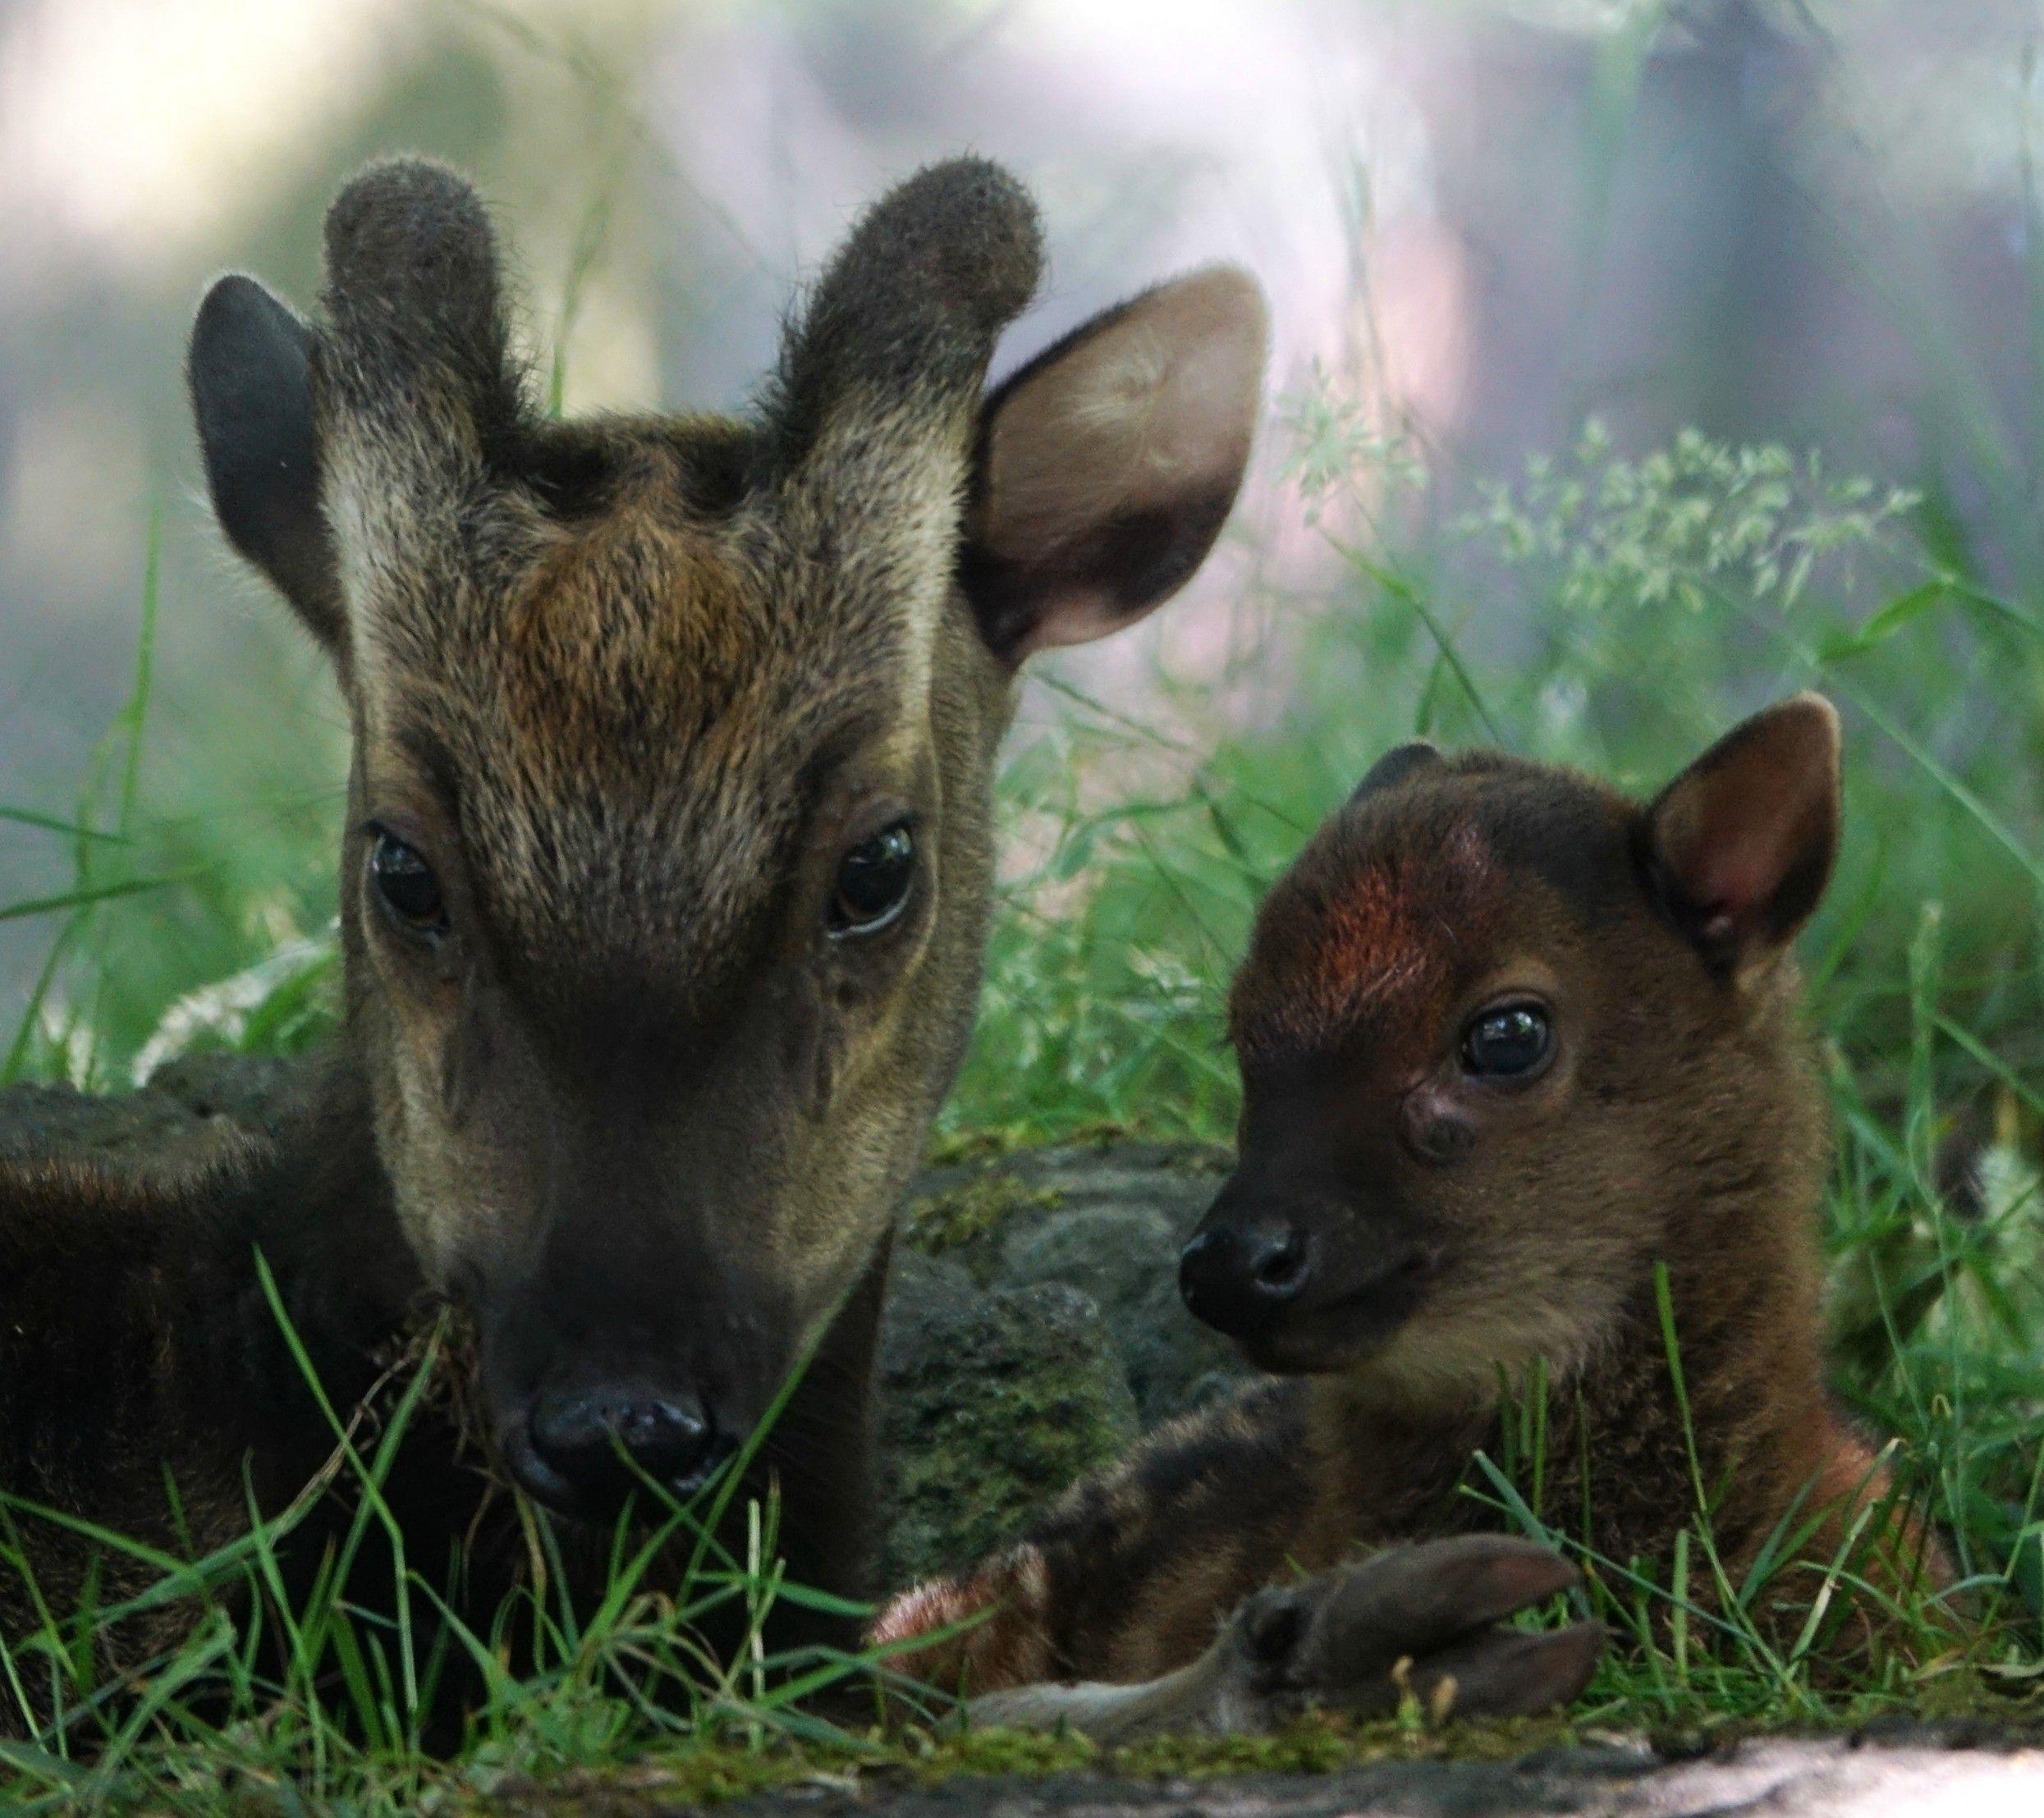 Rare Visayan Spotted Deer Born at Edinburgh Zoo